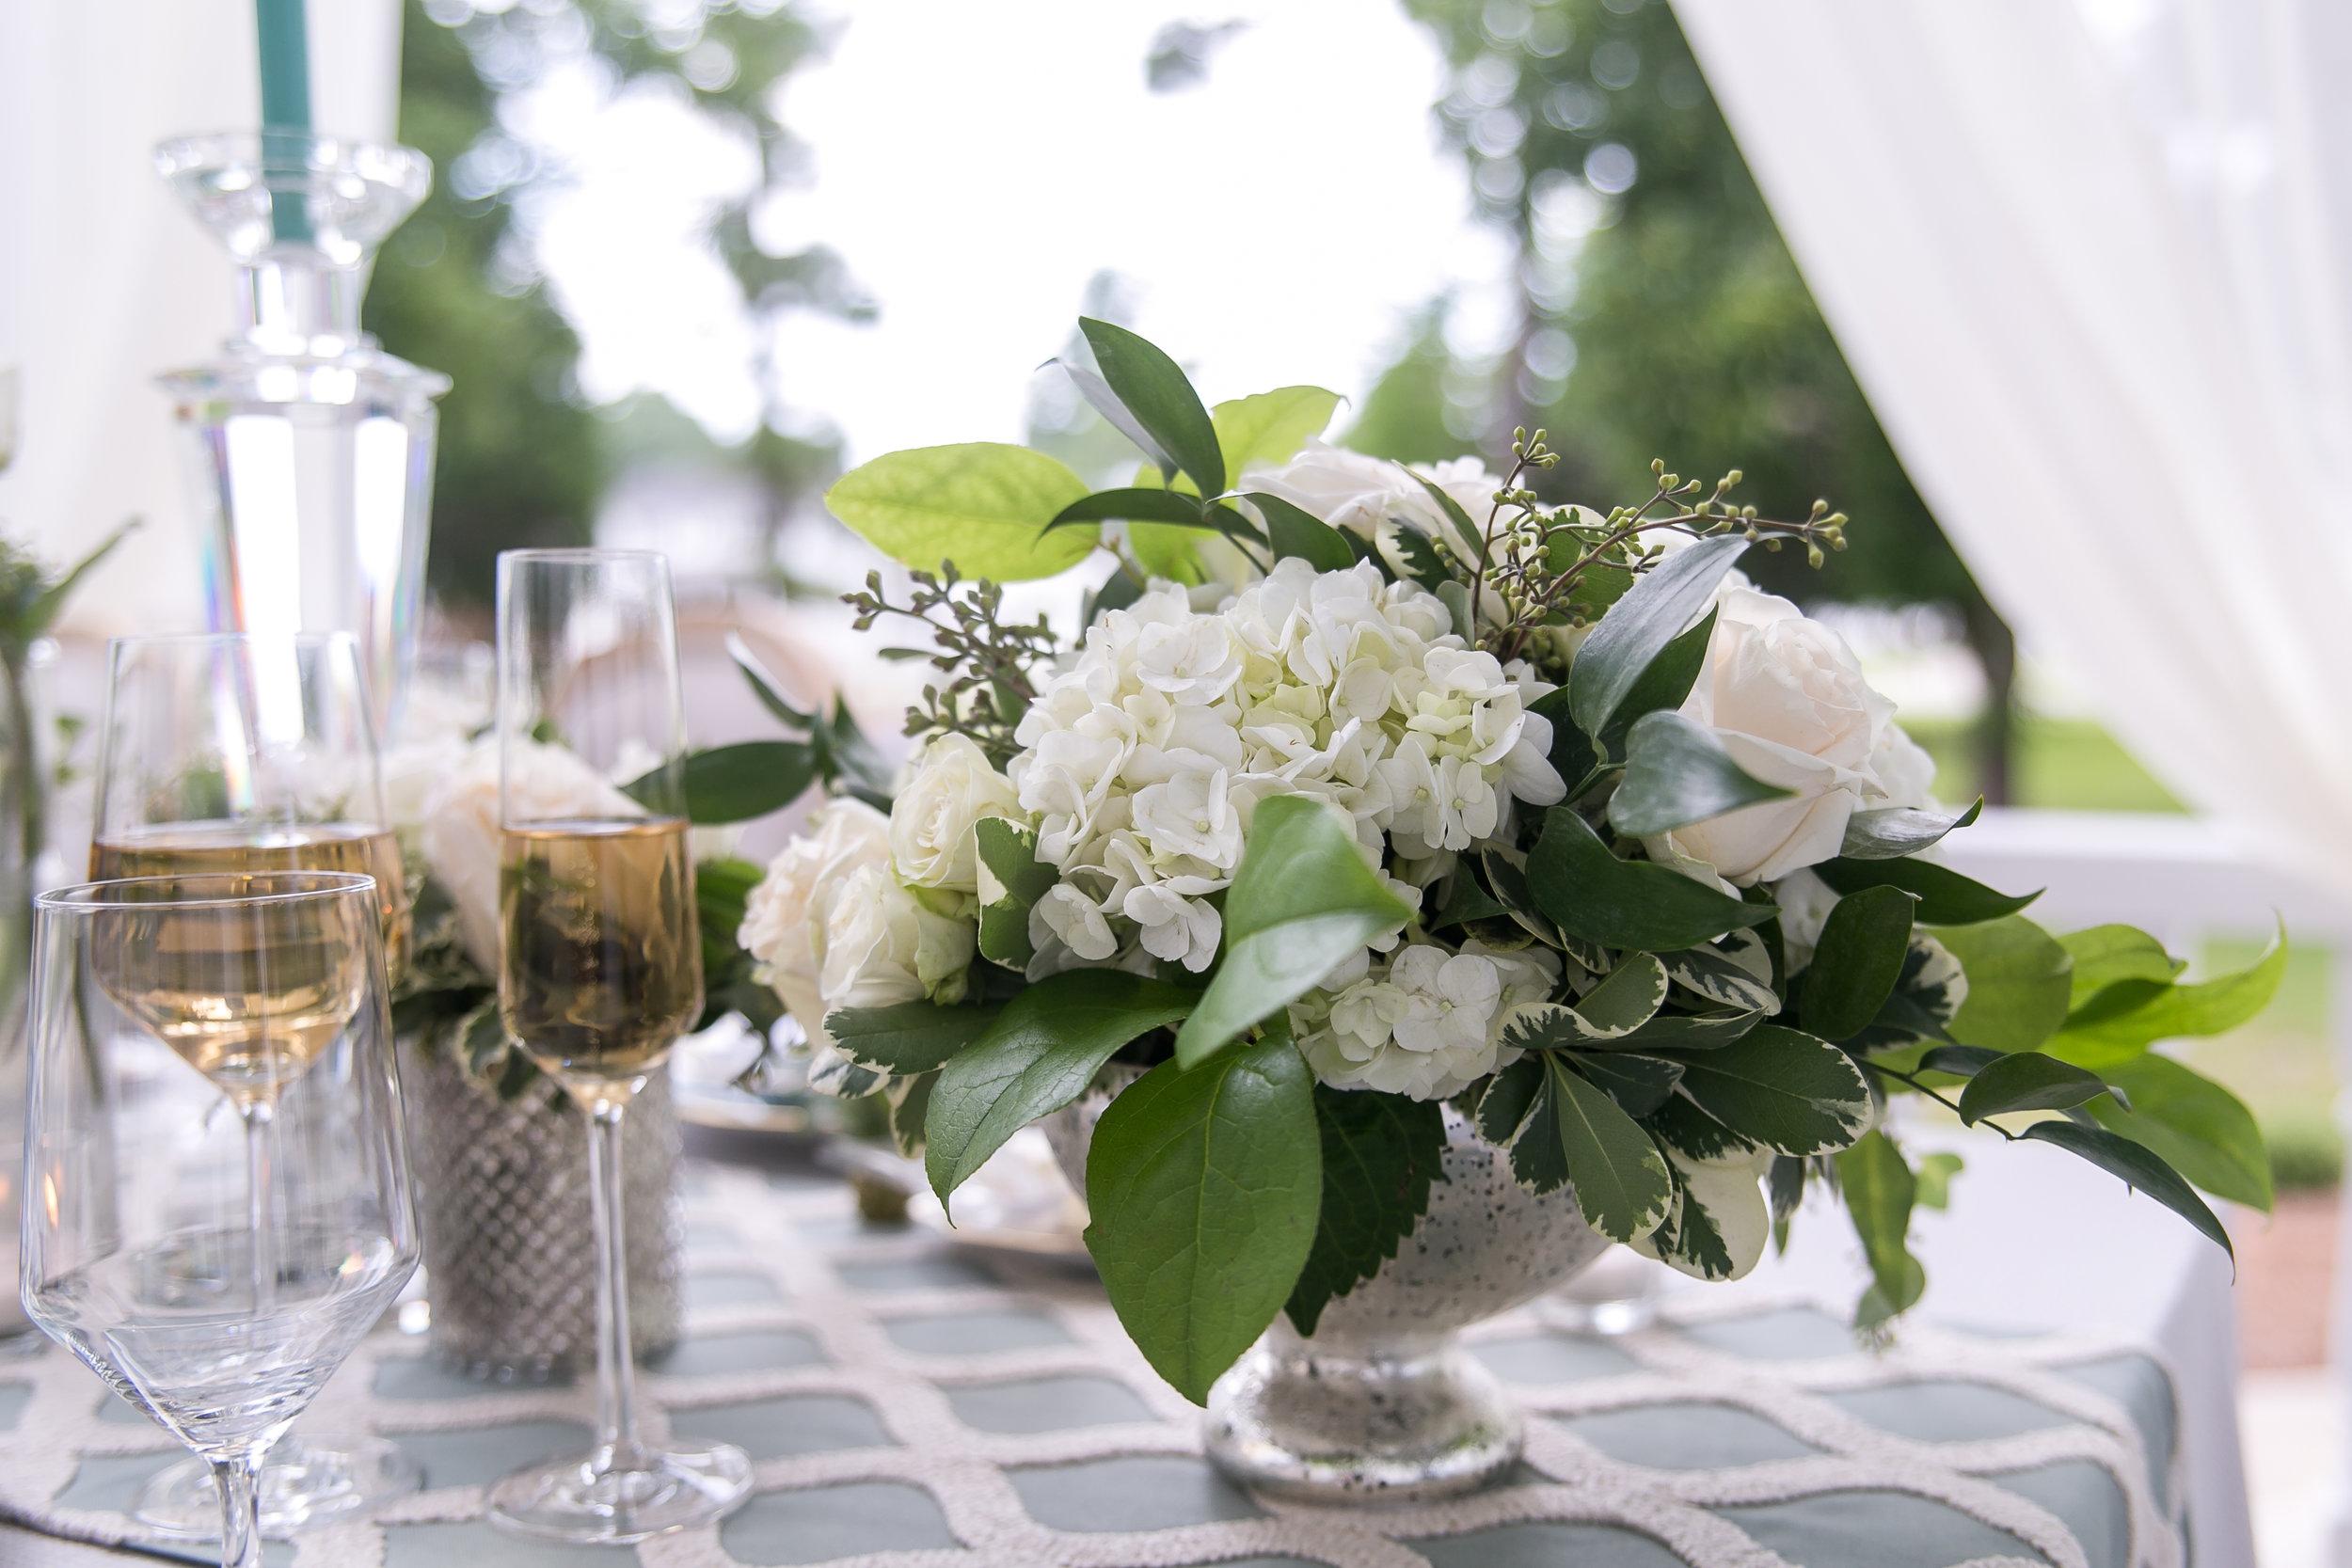 47a95-weddingfloralsriverforestmanorweddingfloralsriverforestmanor.jpg